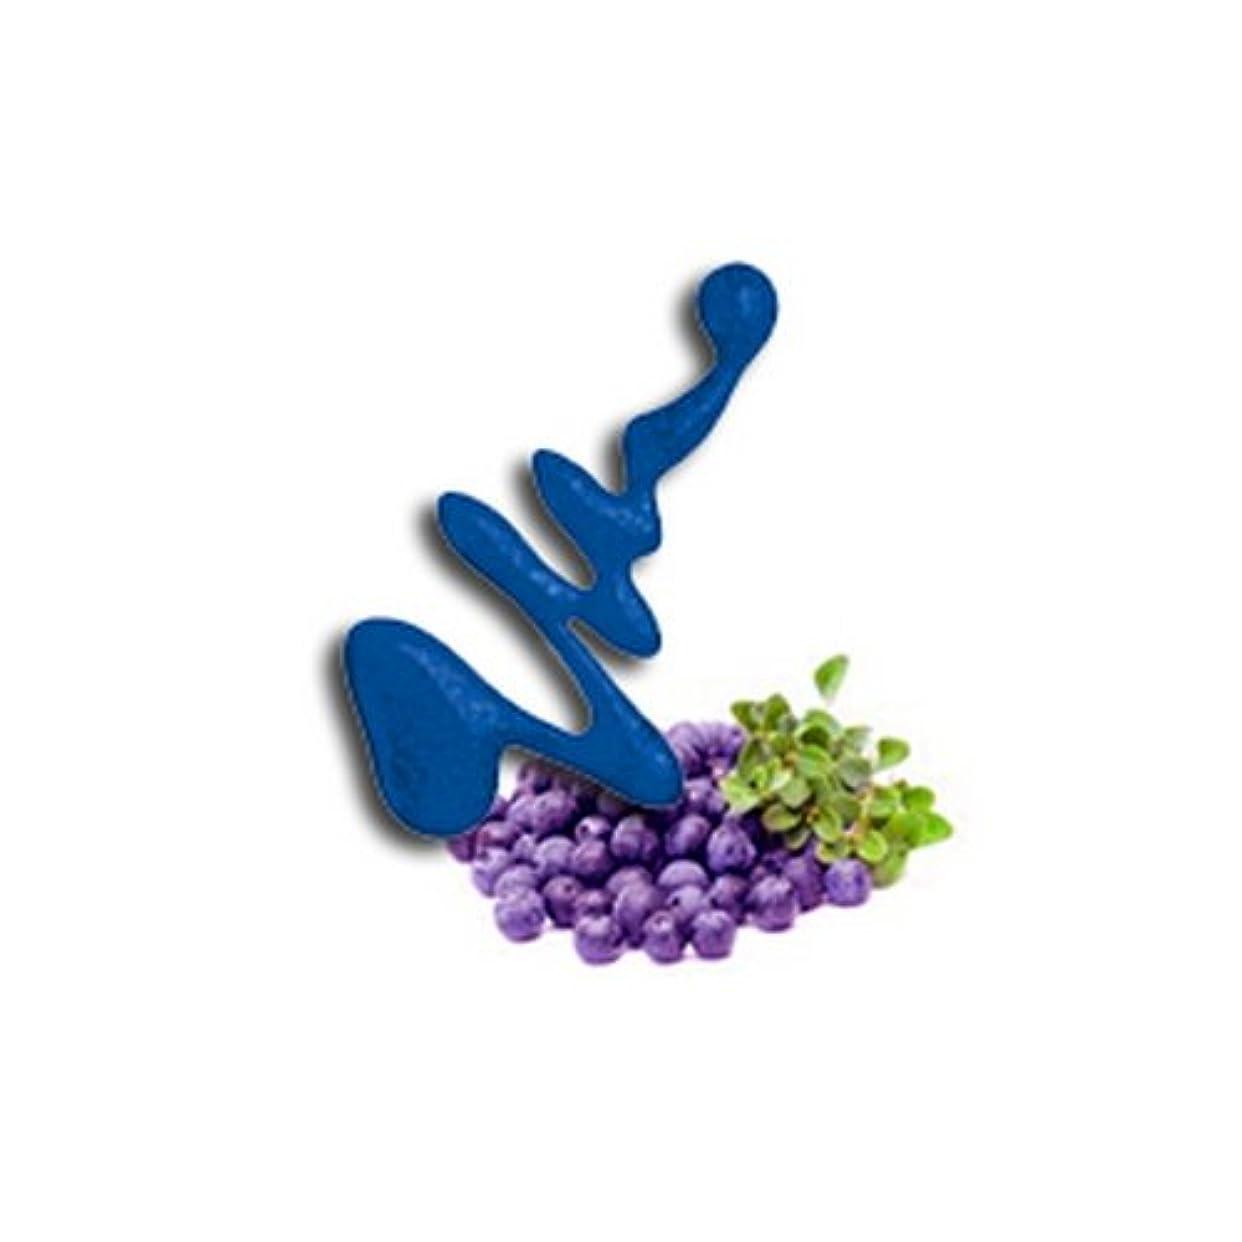 修士号加速するキリスト教LA GIRL Fruity Scented Nail Polish - Blueberry Fizz (並行輸入品)